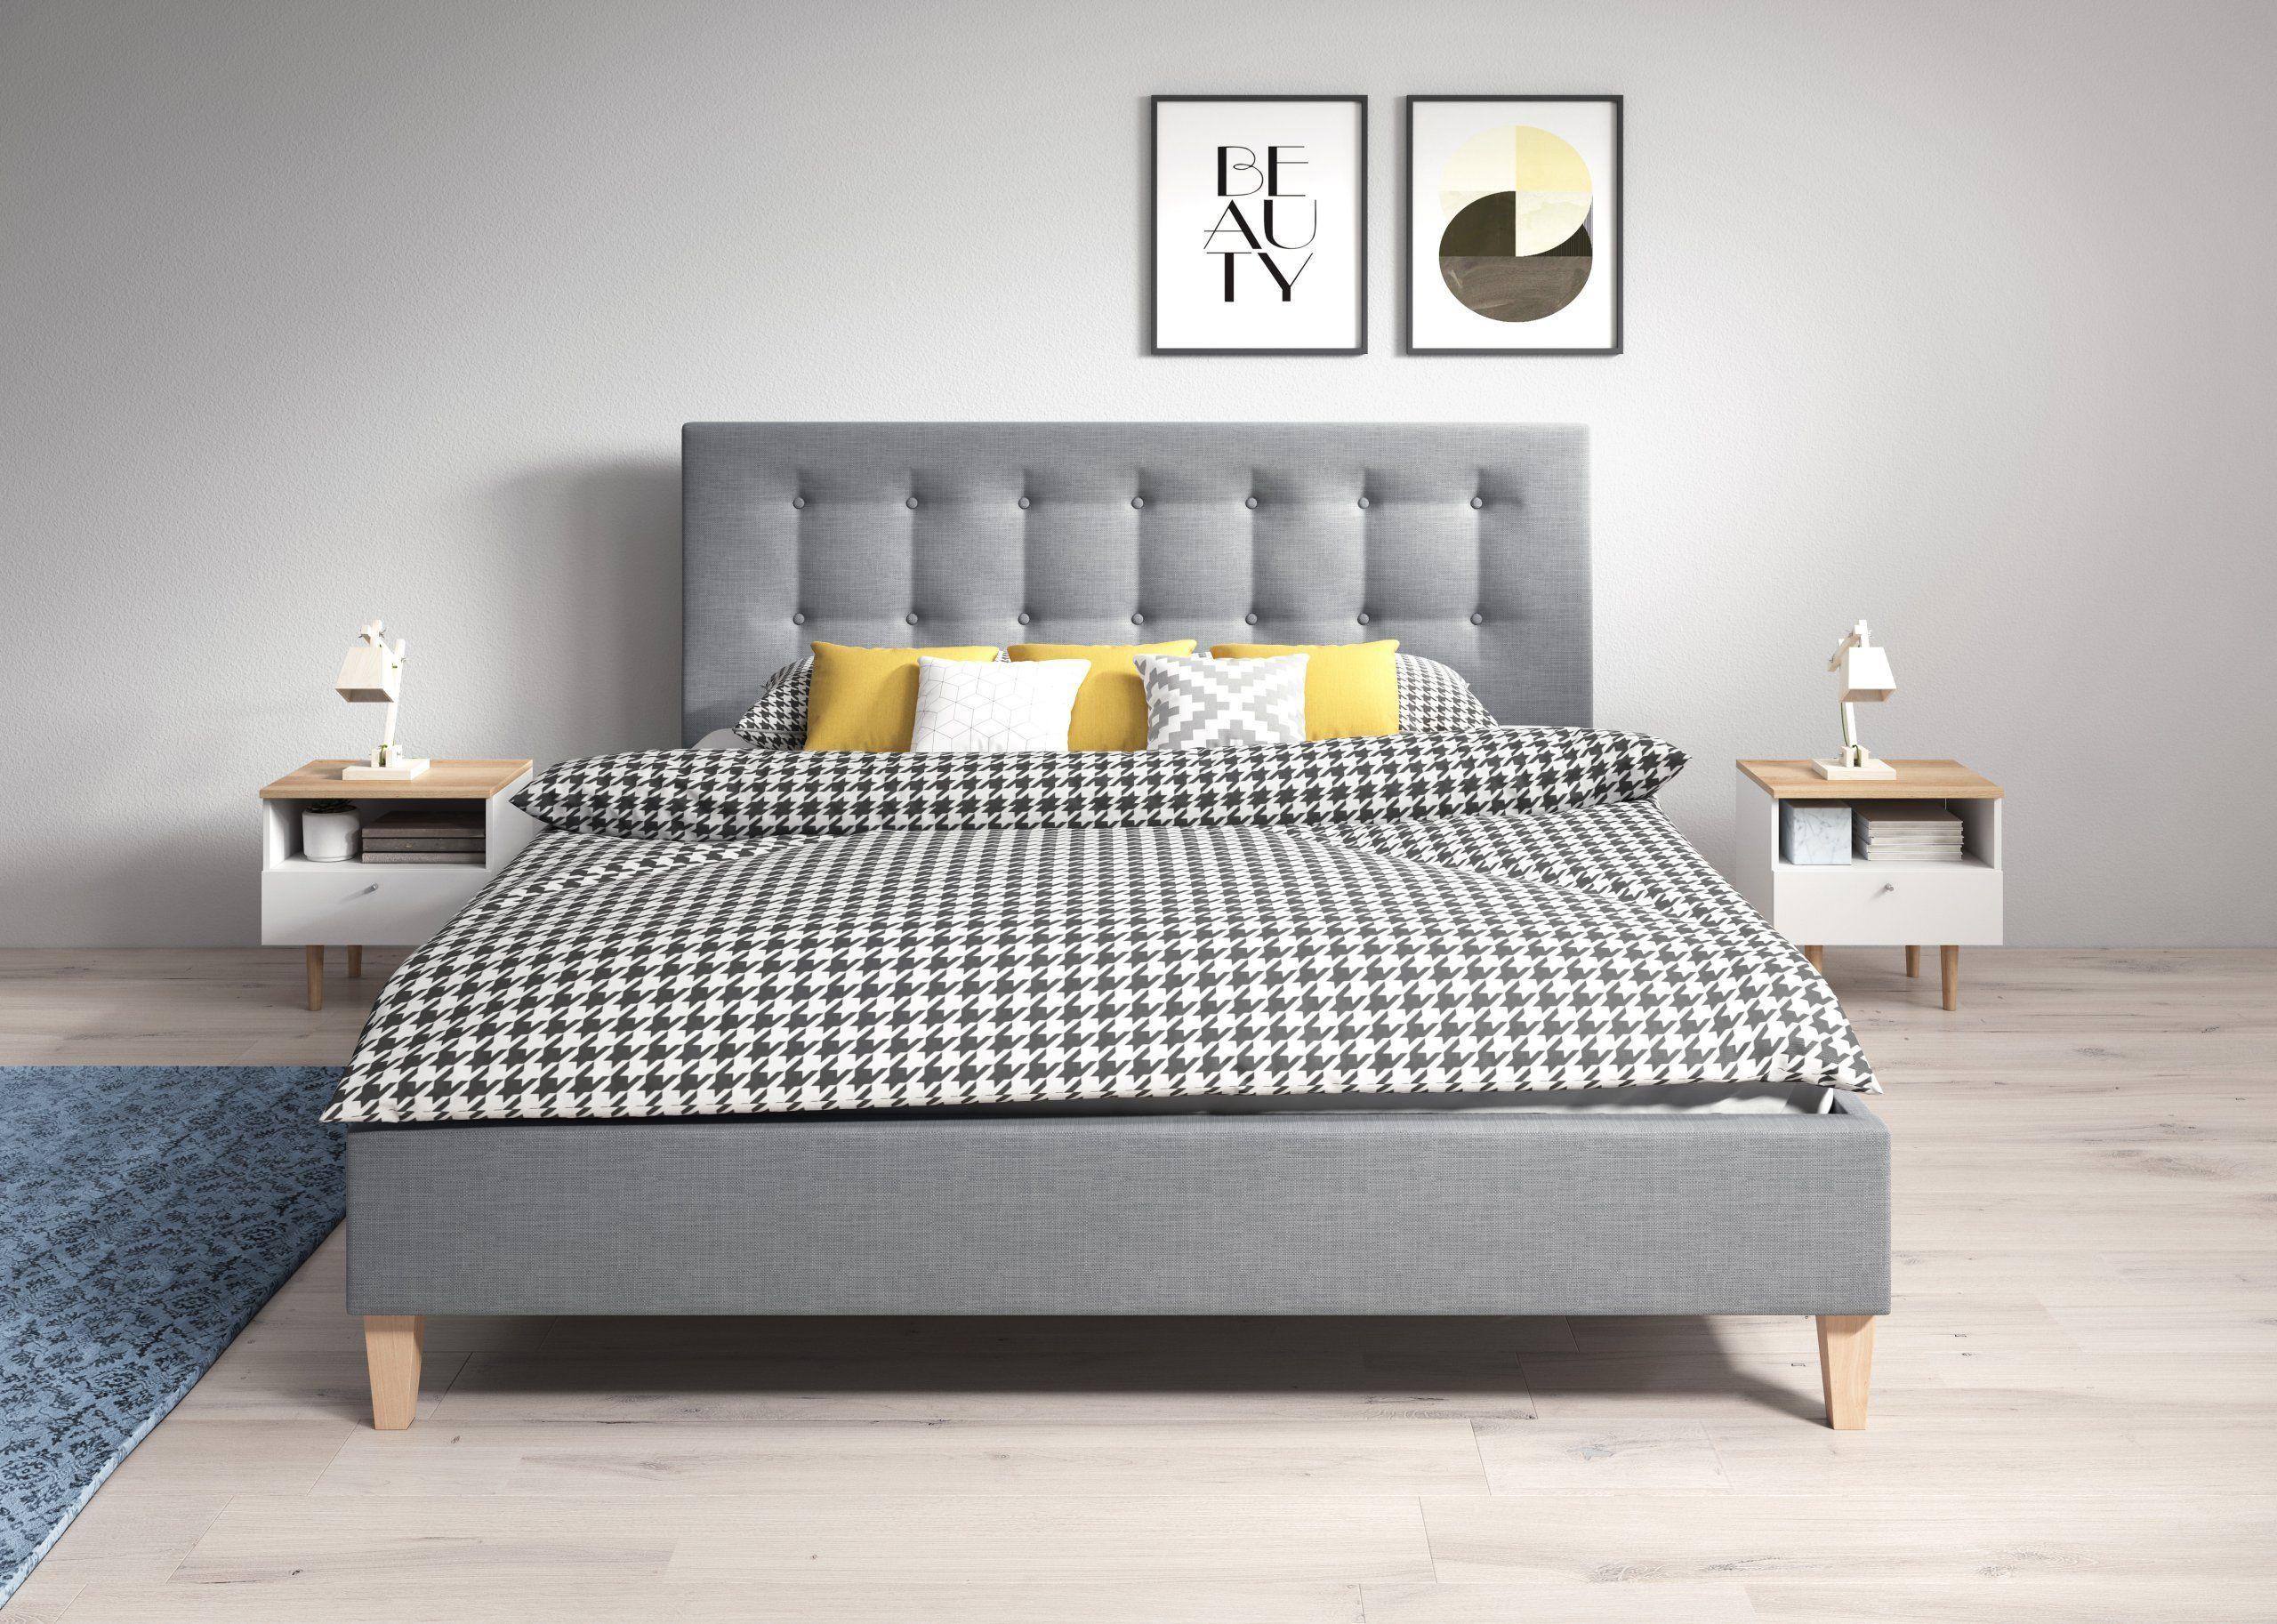 łóżko Tapicerowane Dawid 160x200 Z Materacem Irys 6916562722